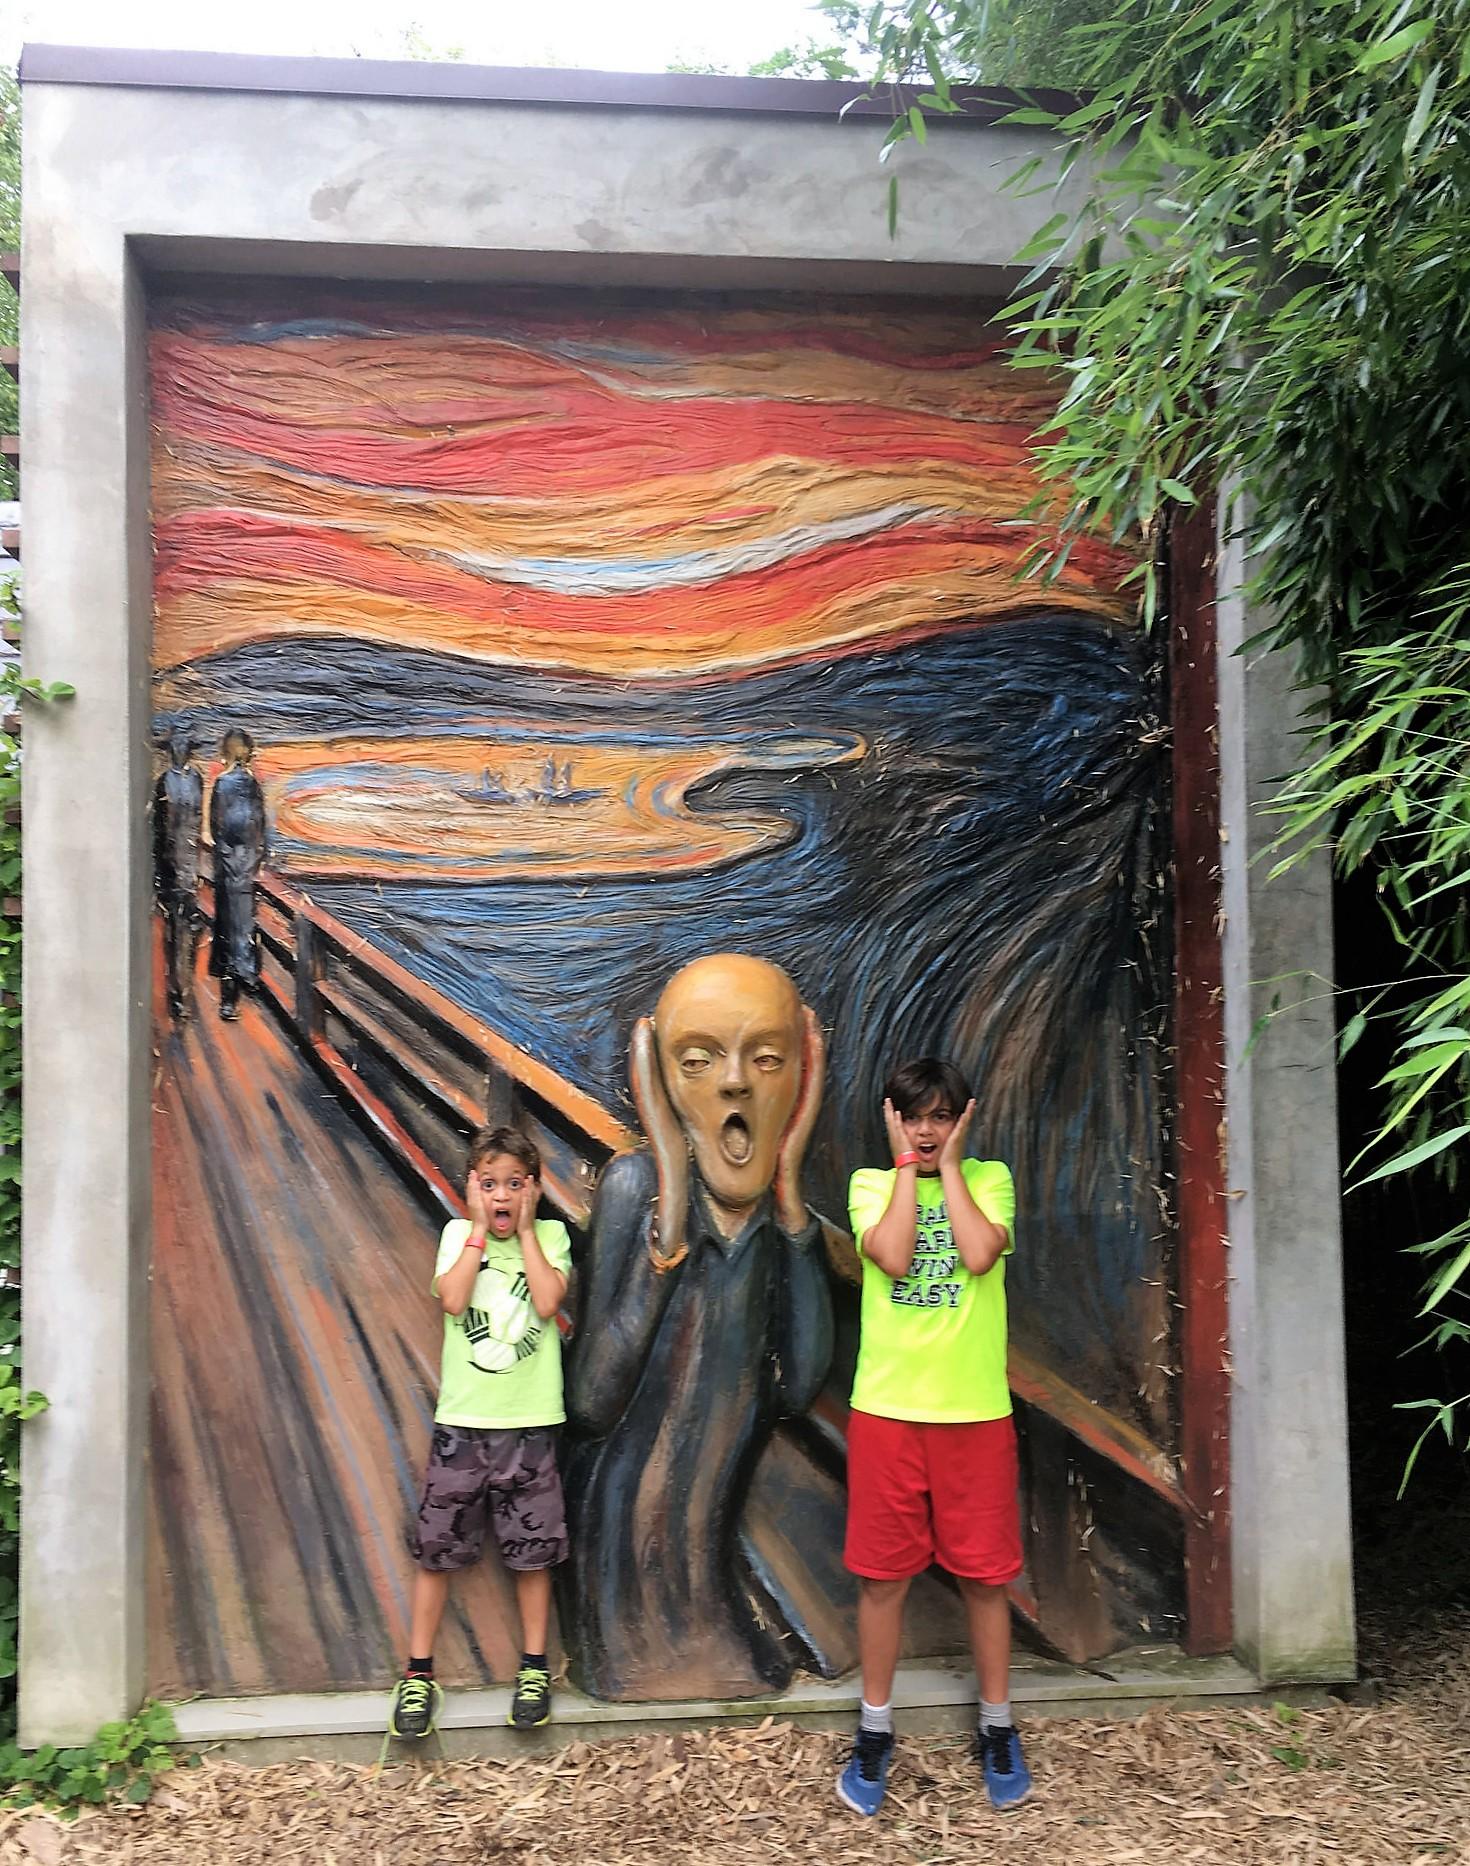 art appreciation for kids - Sculpture Garden - garden of sculptures